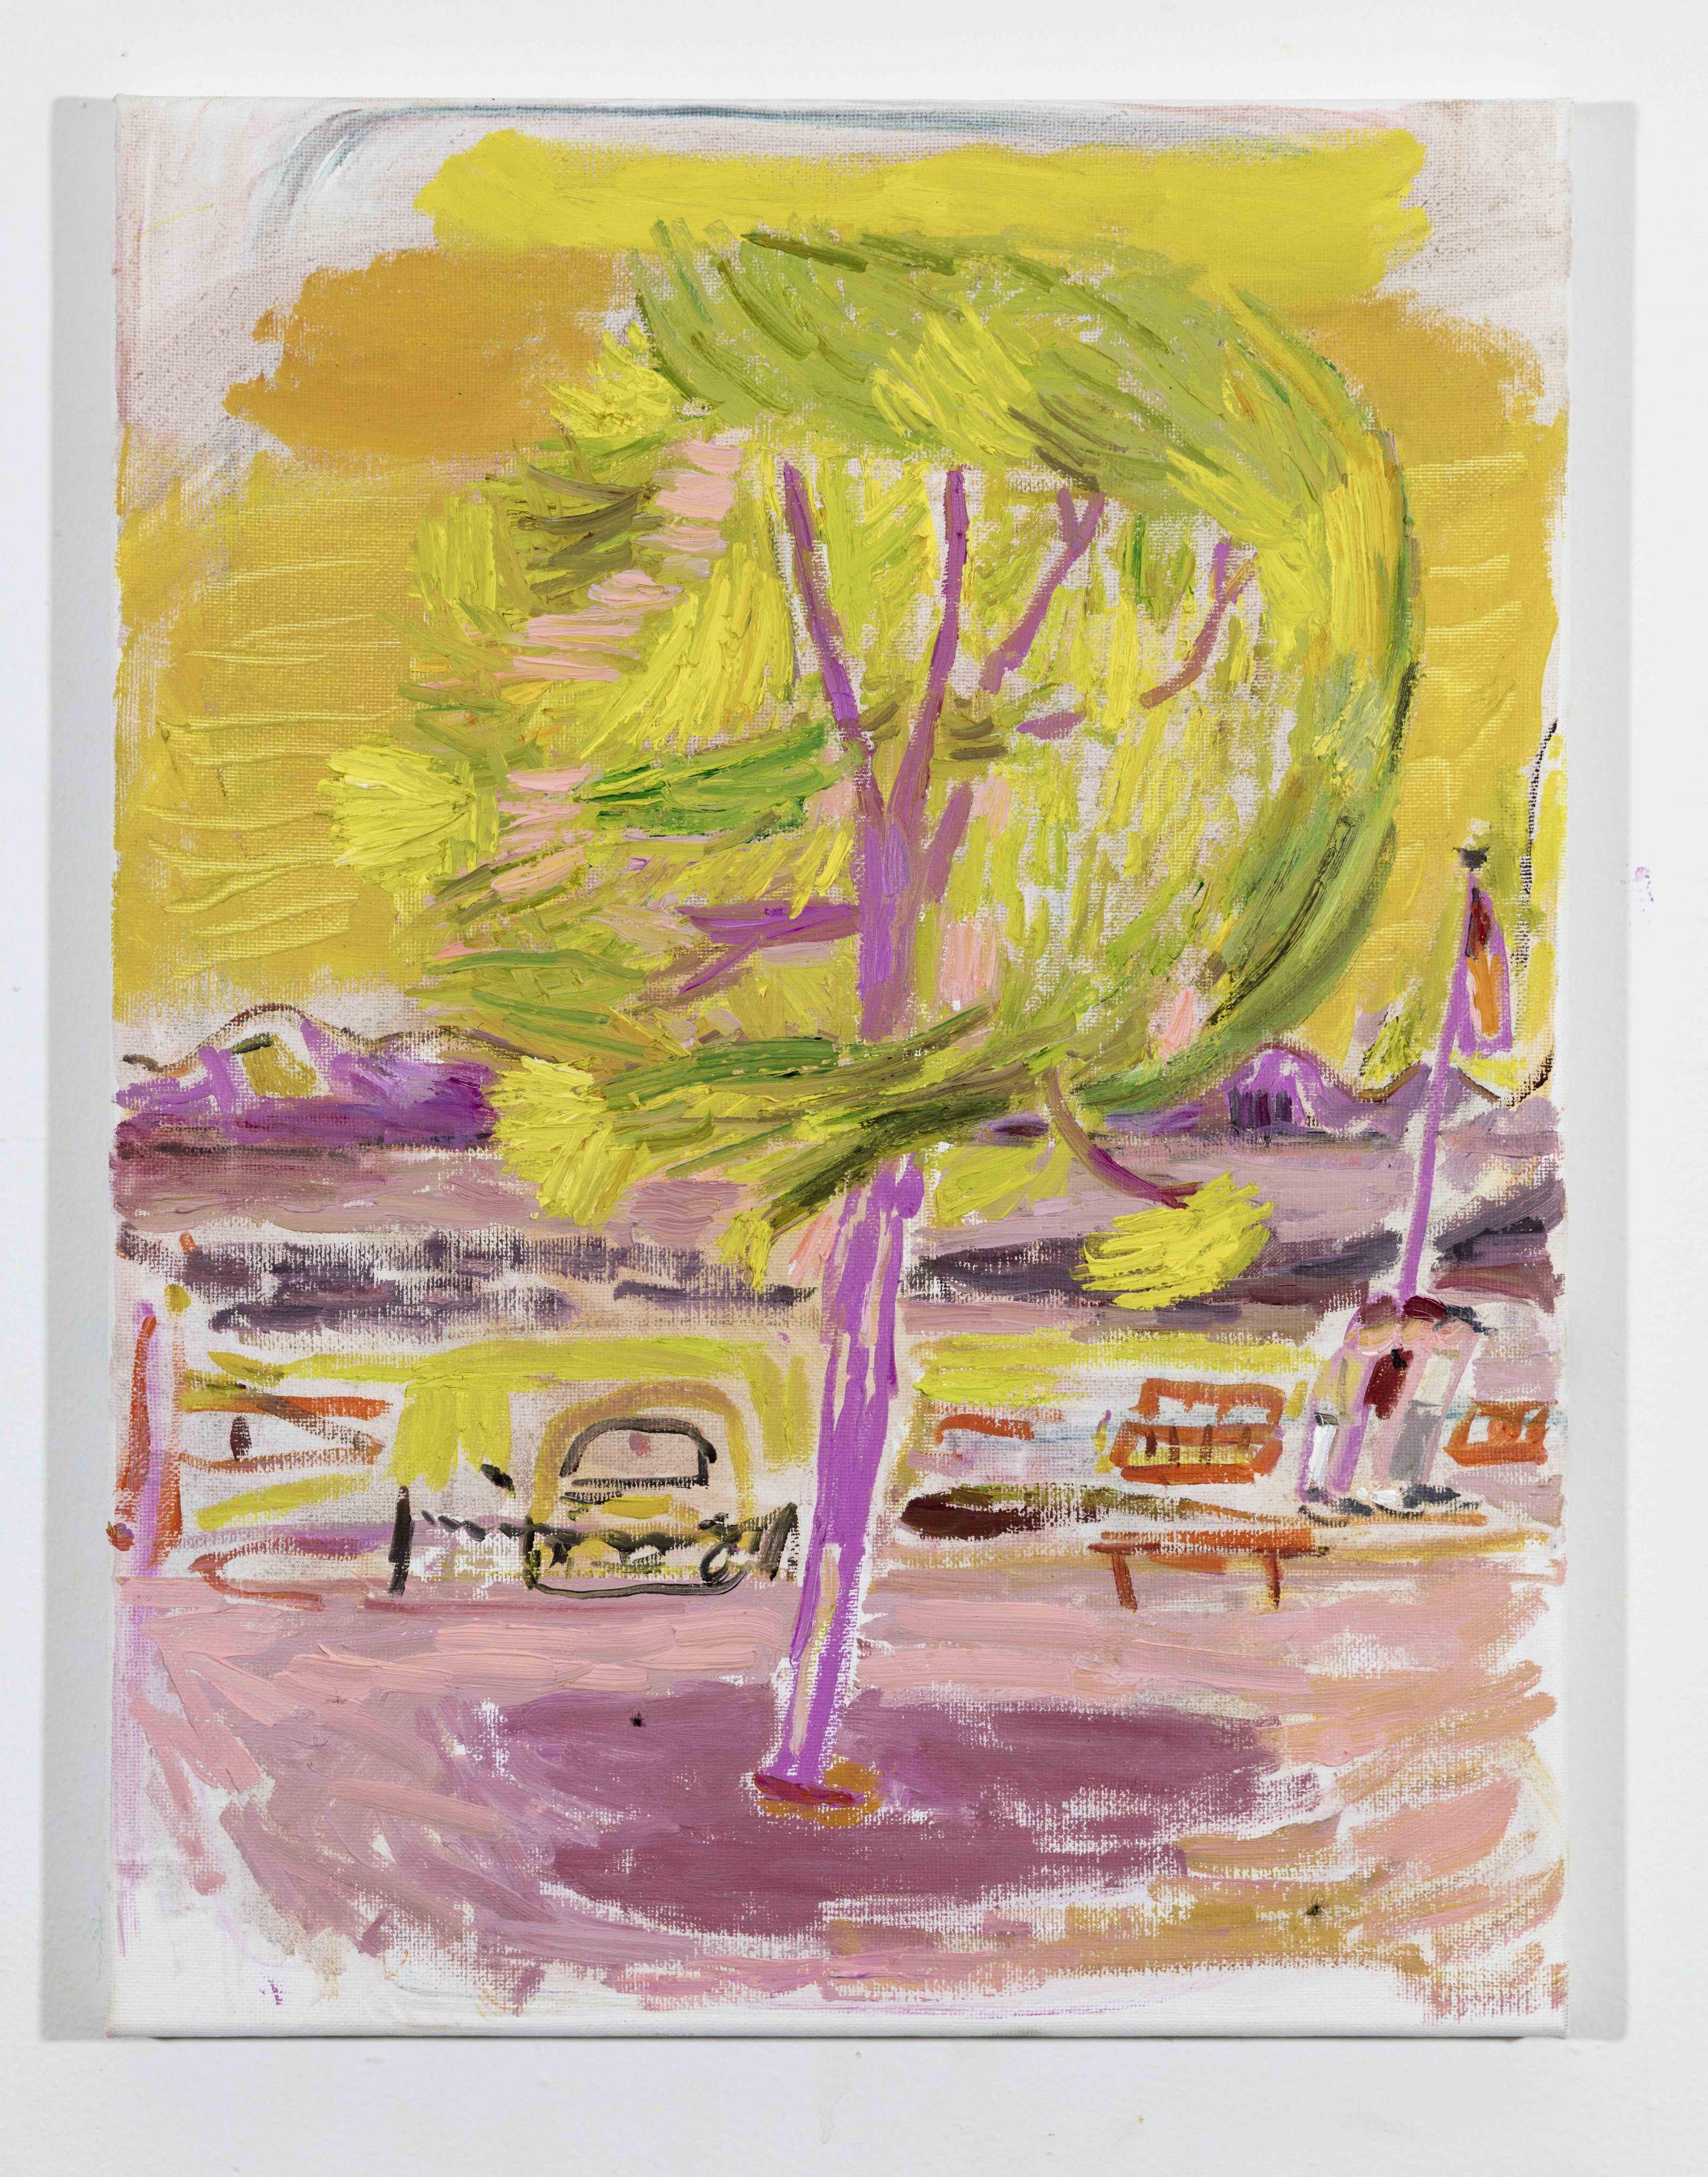 LISA SANDITZ, Landscape Color Study 5, 2019